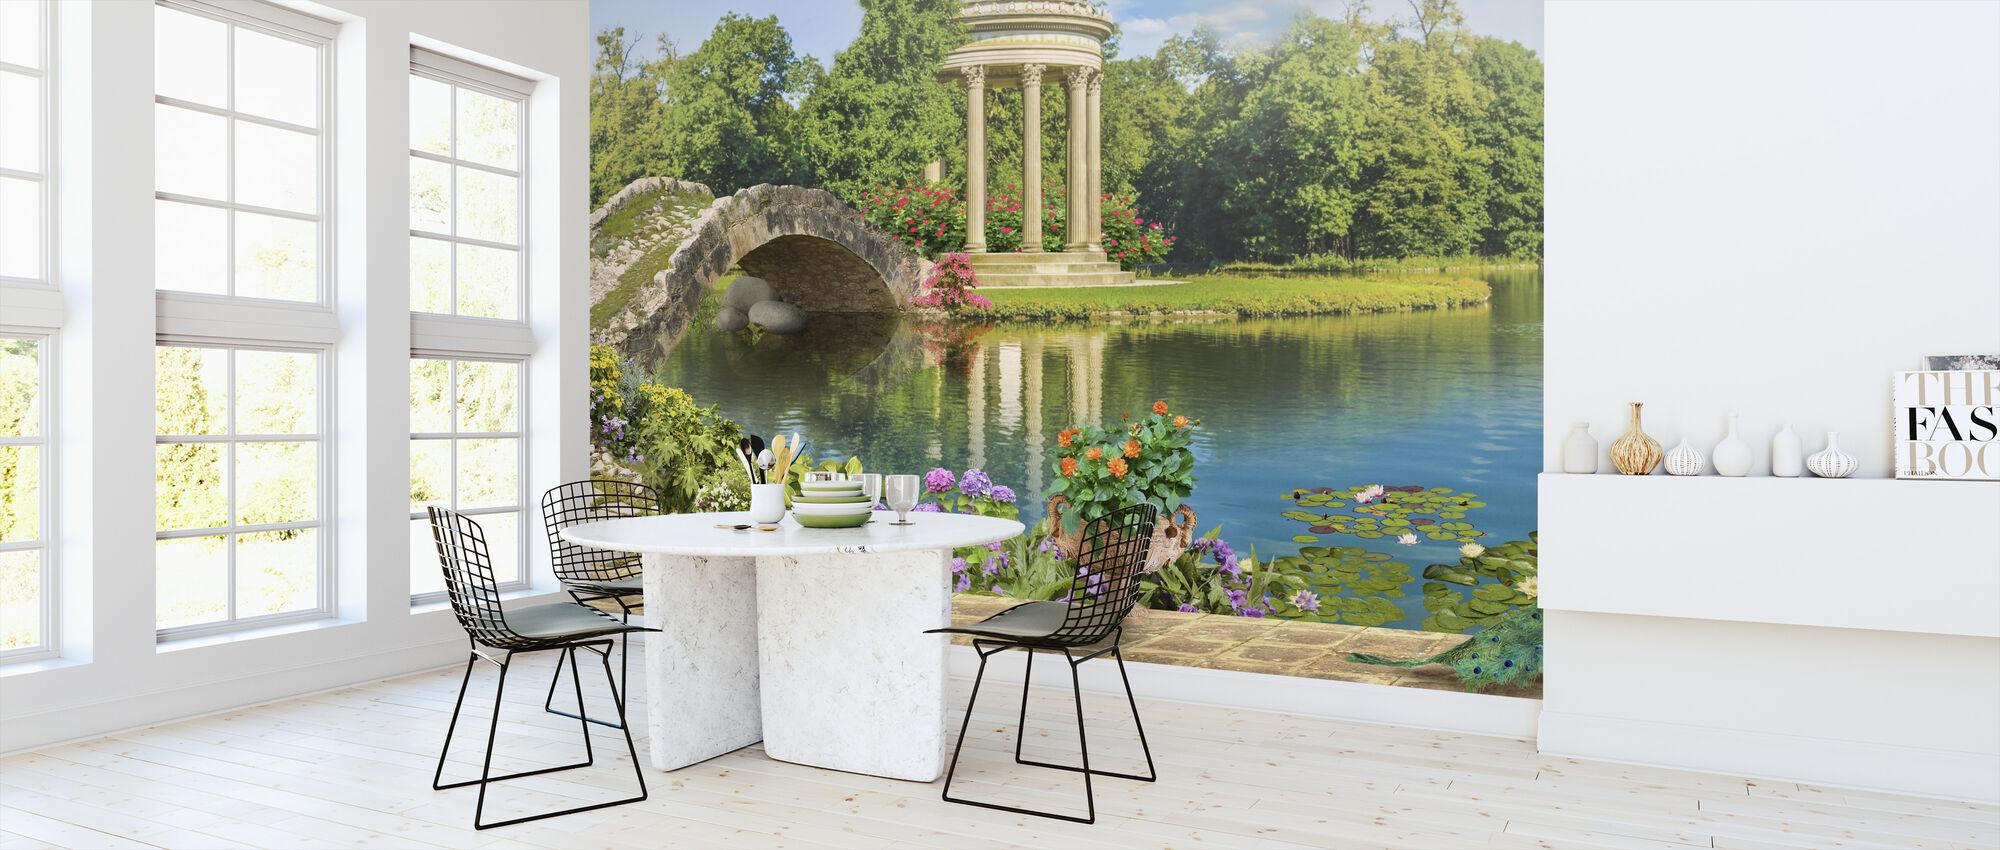 Swans in Pond - Wallpaper - Kitchen